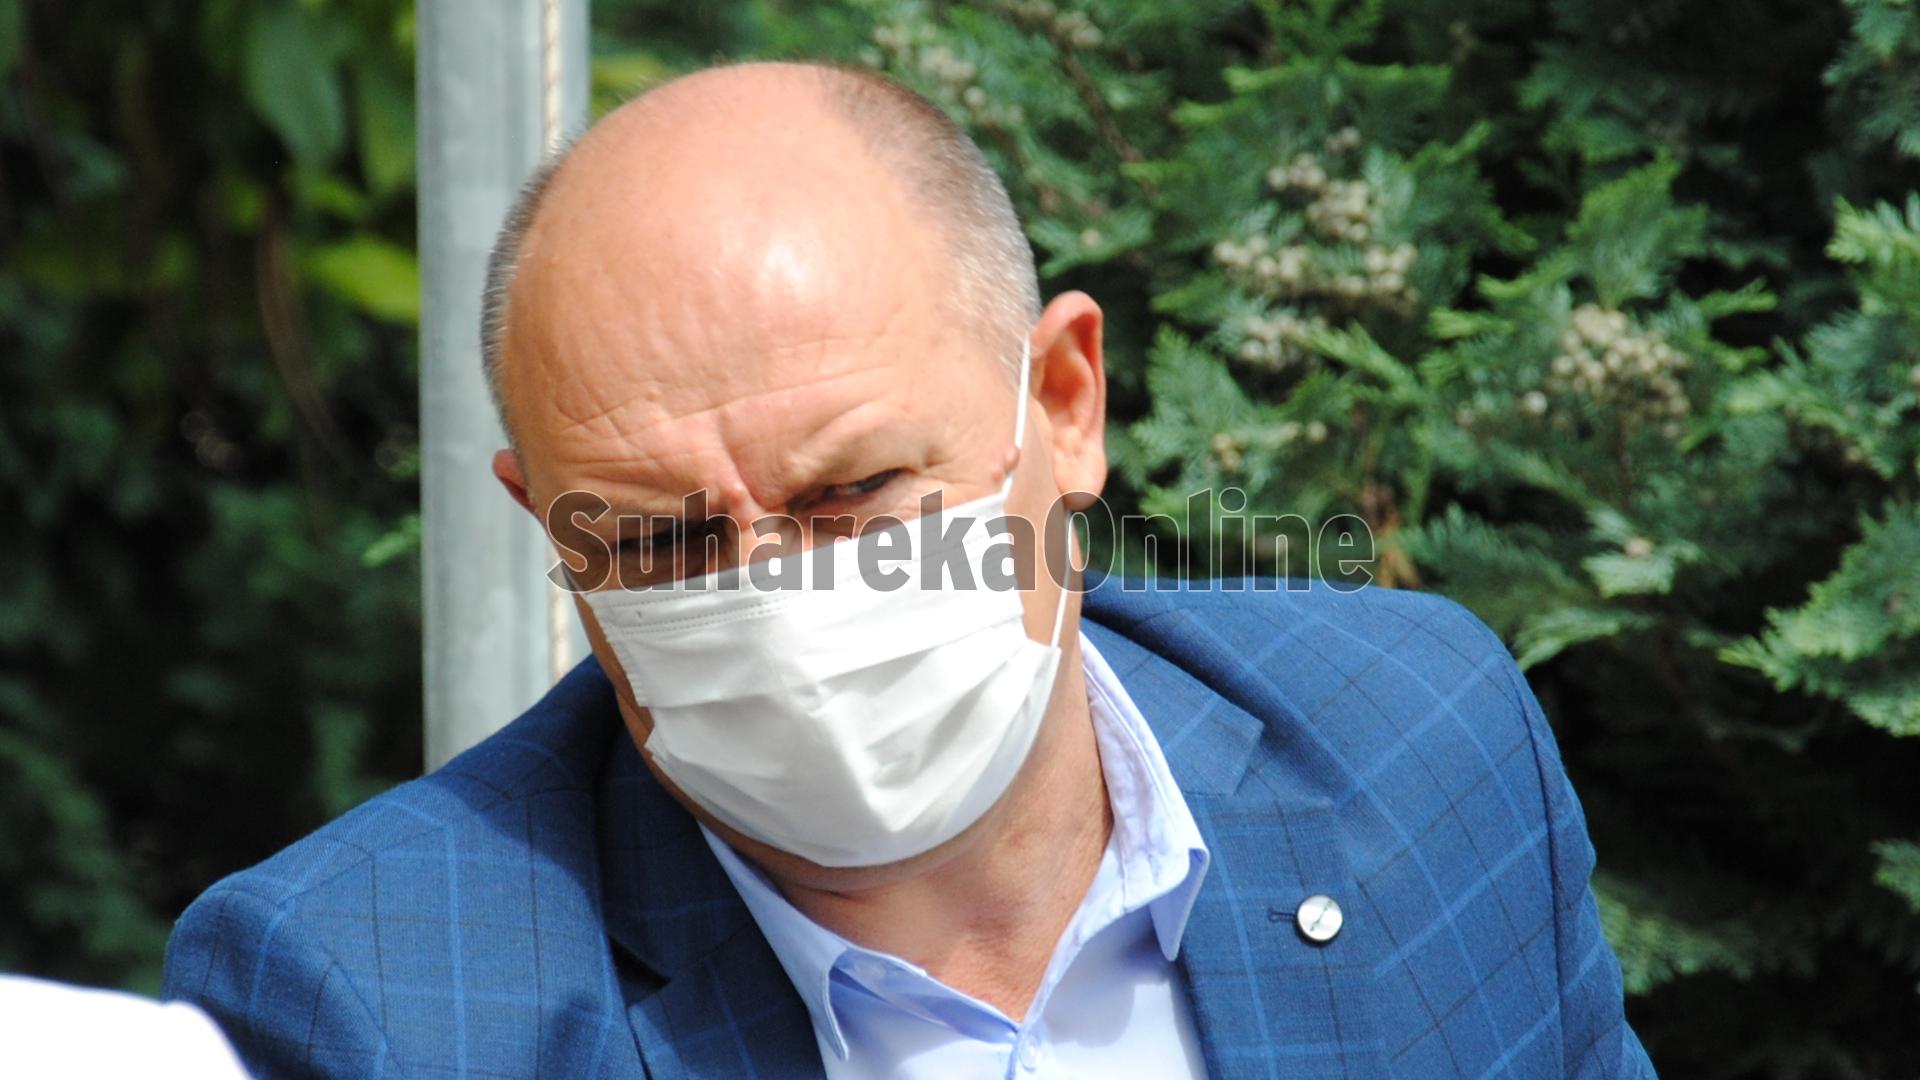 Të revoltuar, LDK e Suharekës lëshon seancën e asamblesë komunale